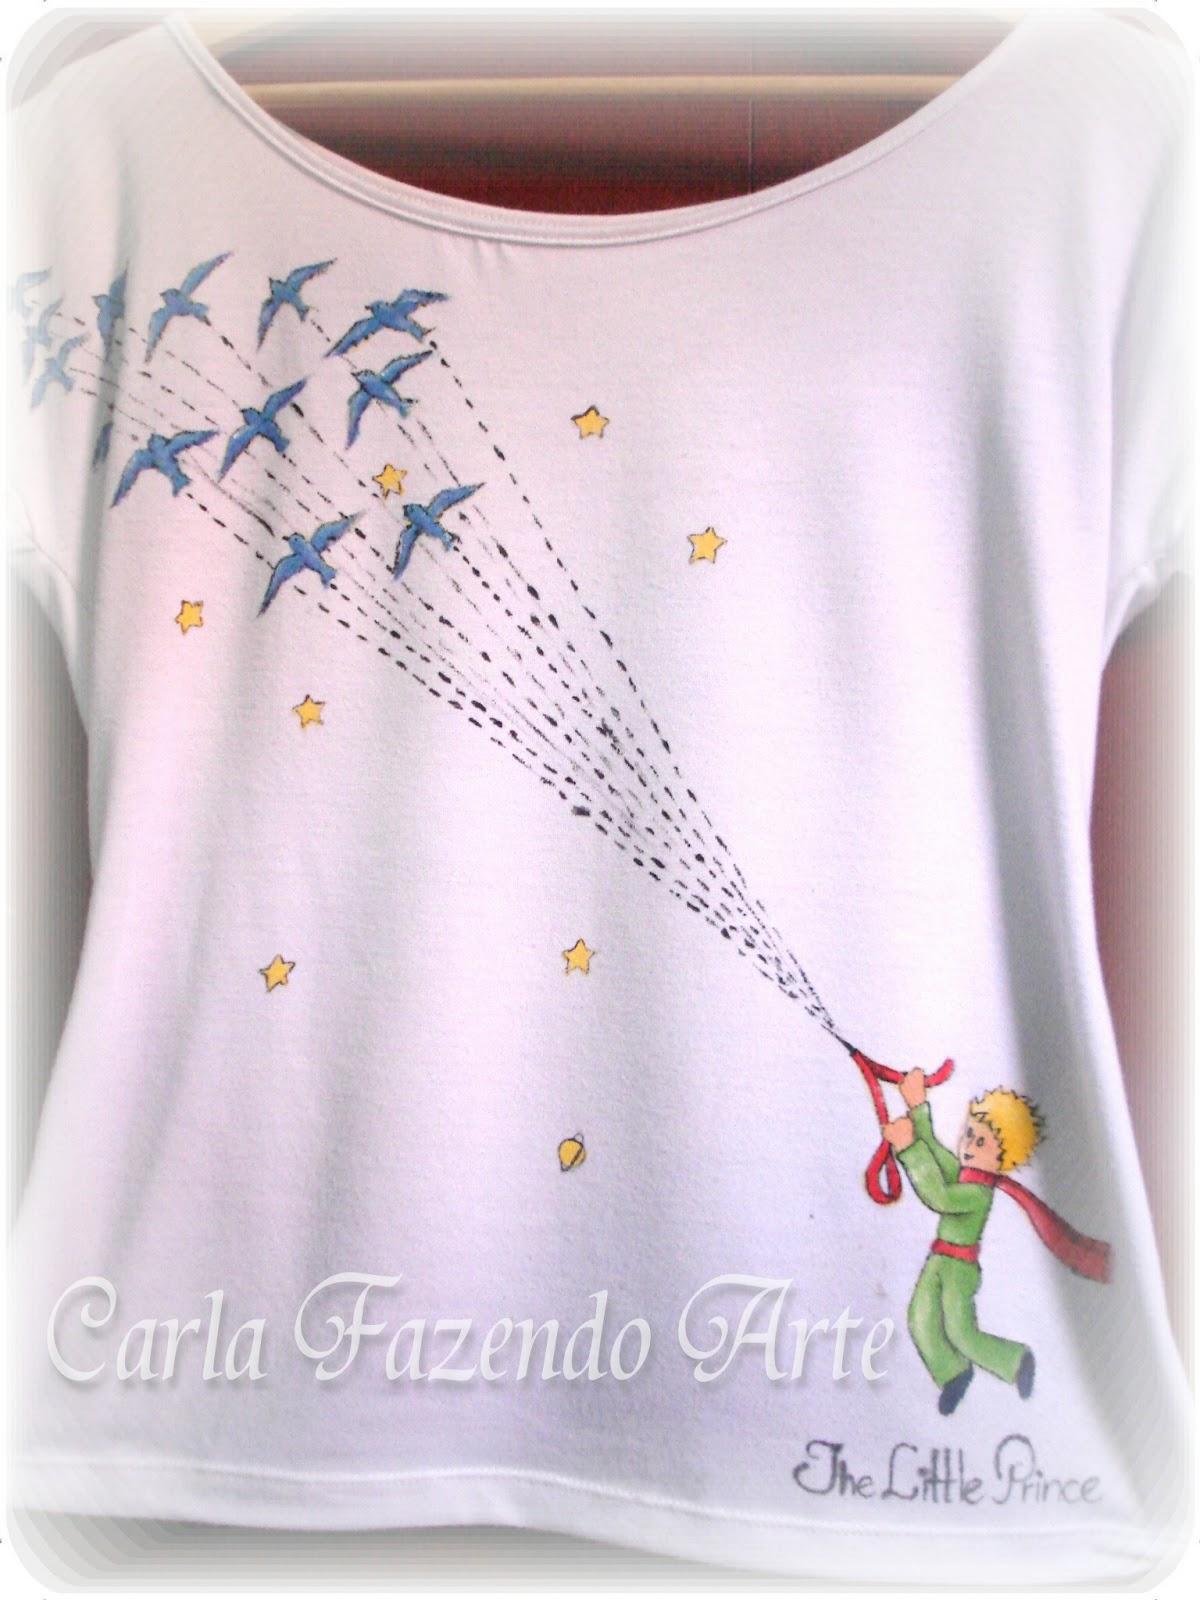 c8d36a39c12 Tênis Personalizado  Camiseta Pequeno Príncipe